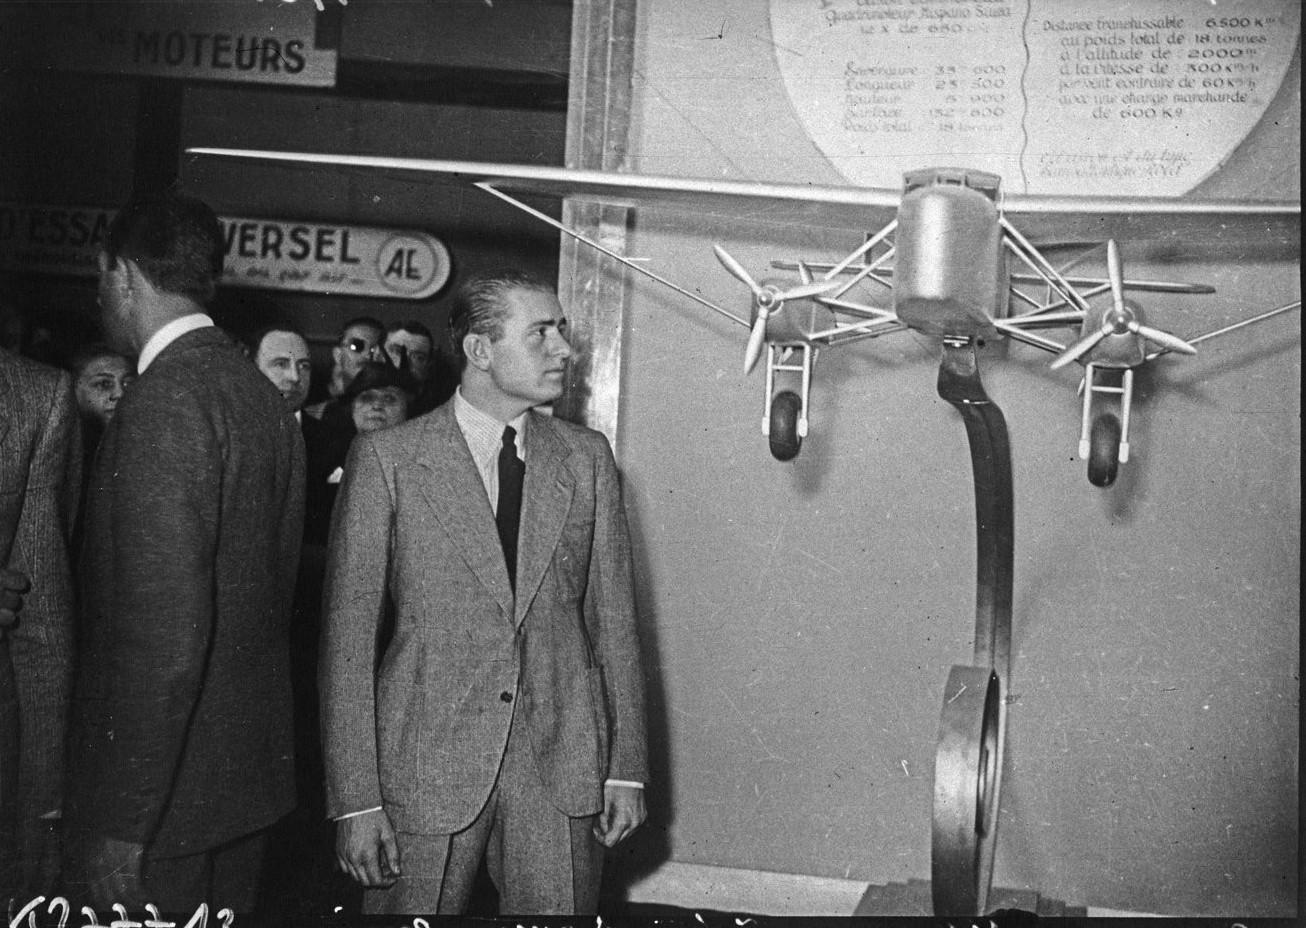 Павильон аэронавтики. Авиатор Бруно Муссолини, сын дуче, за осмотром экспозиции